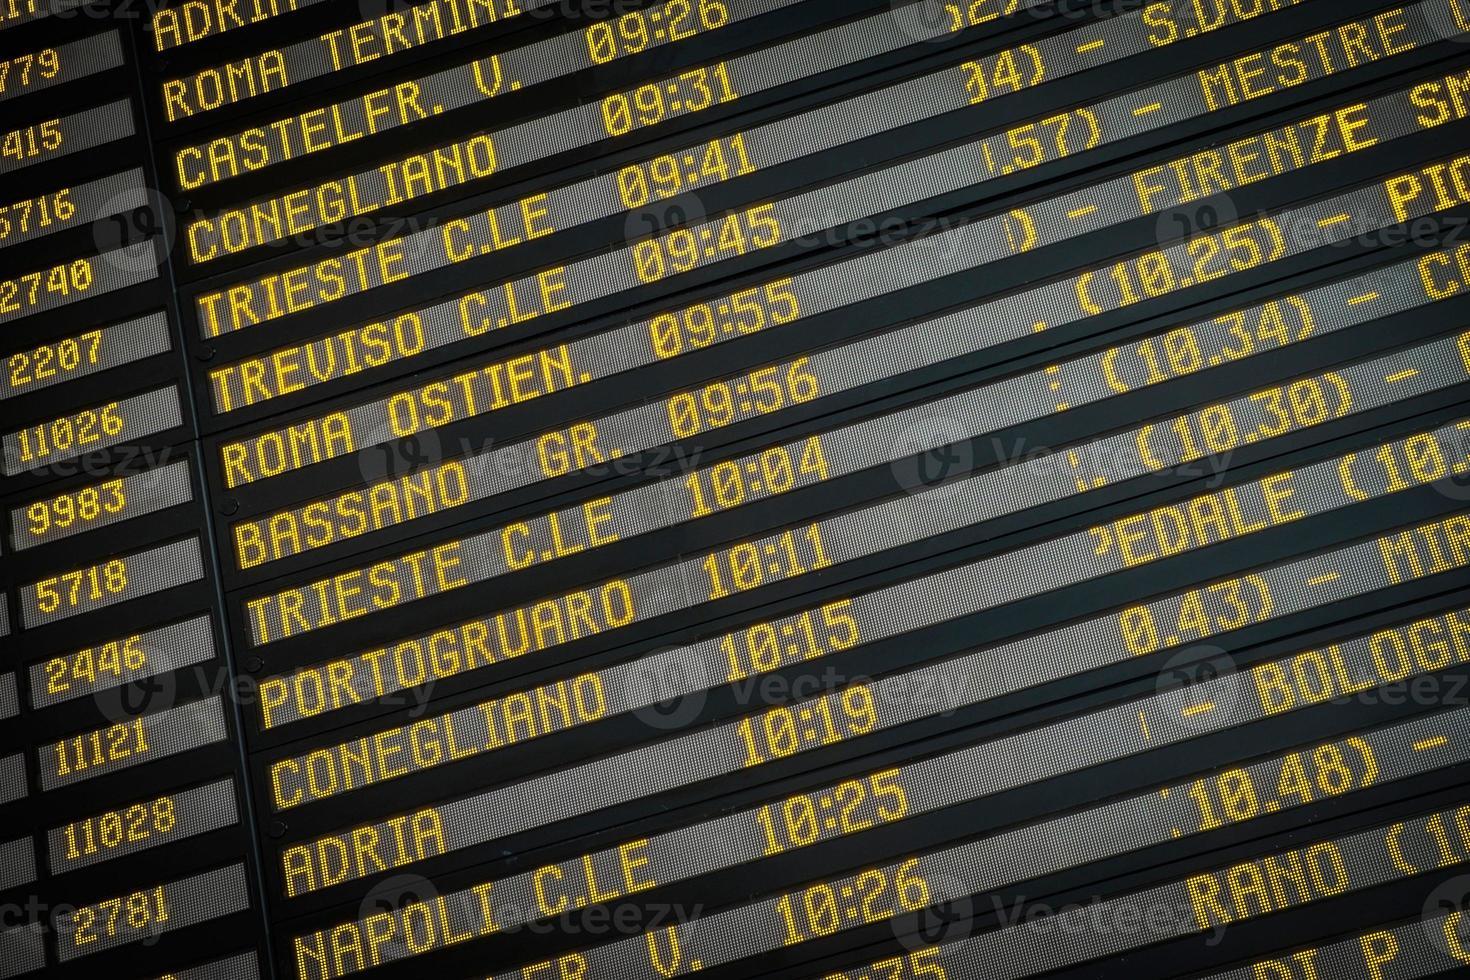 placa de embarque na estação ferroviária em veneza, itália foto